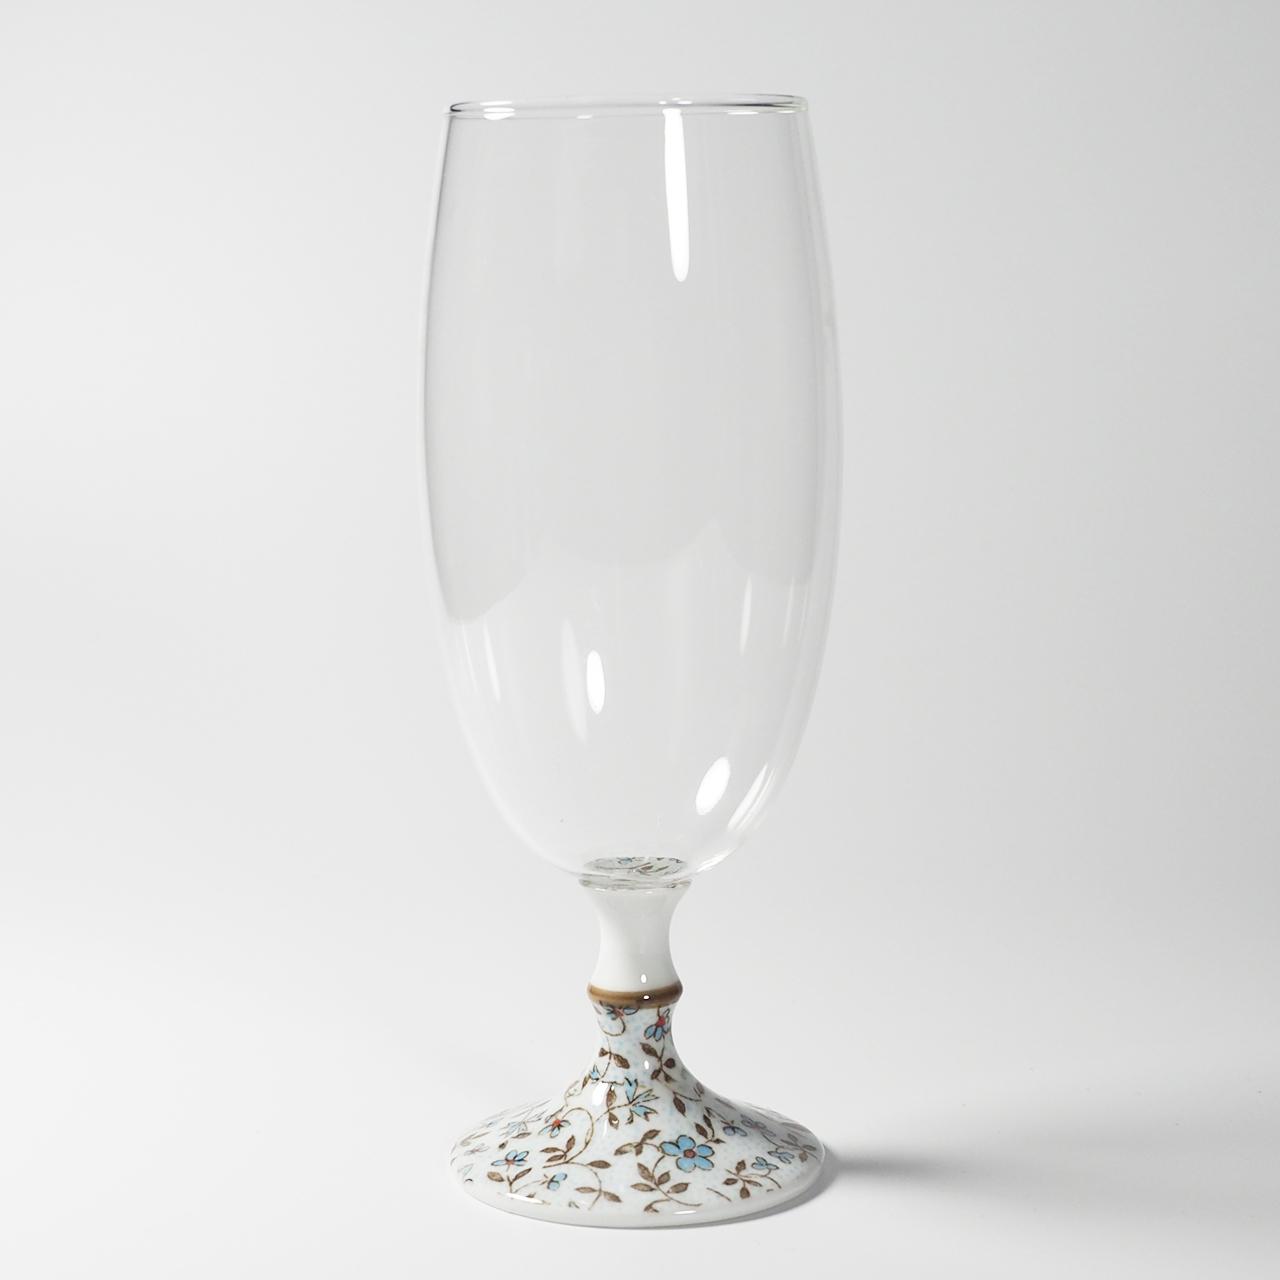 ビールグラス (カノン) 20-418